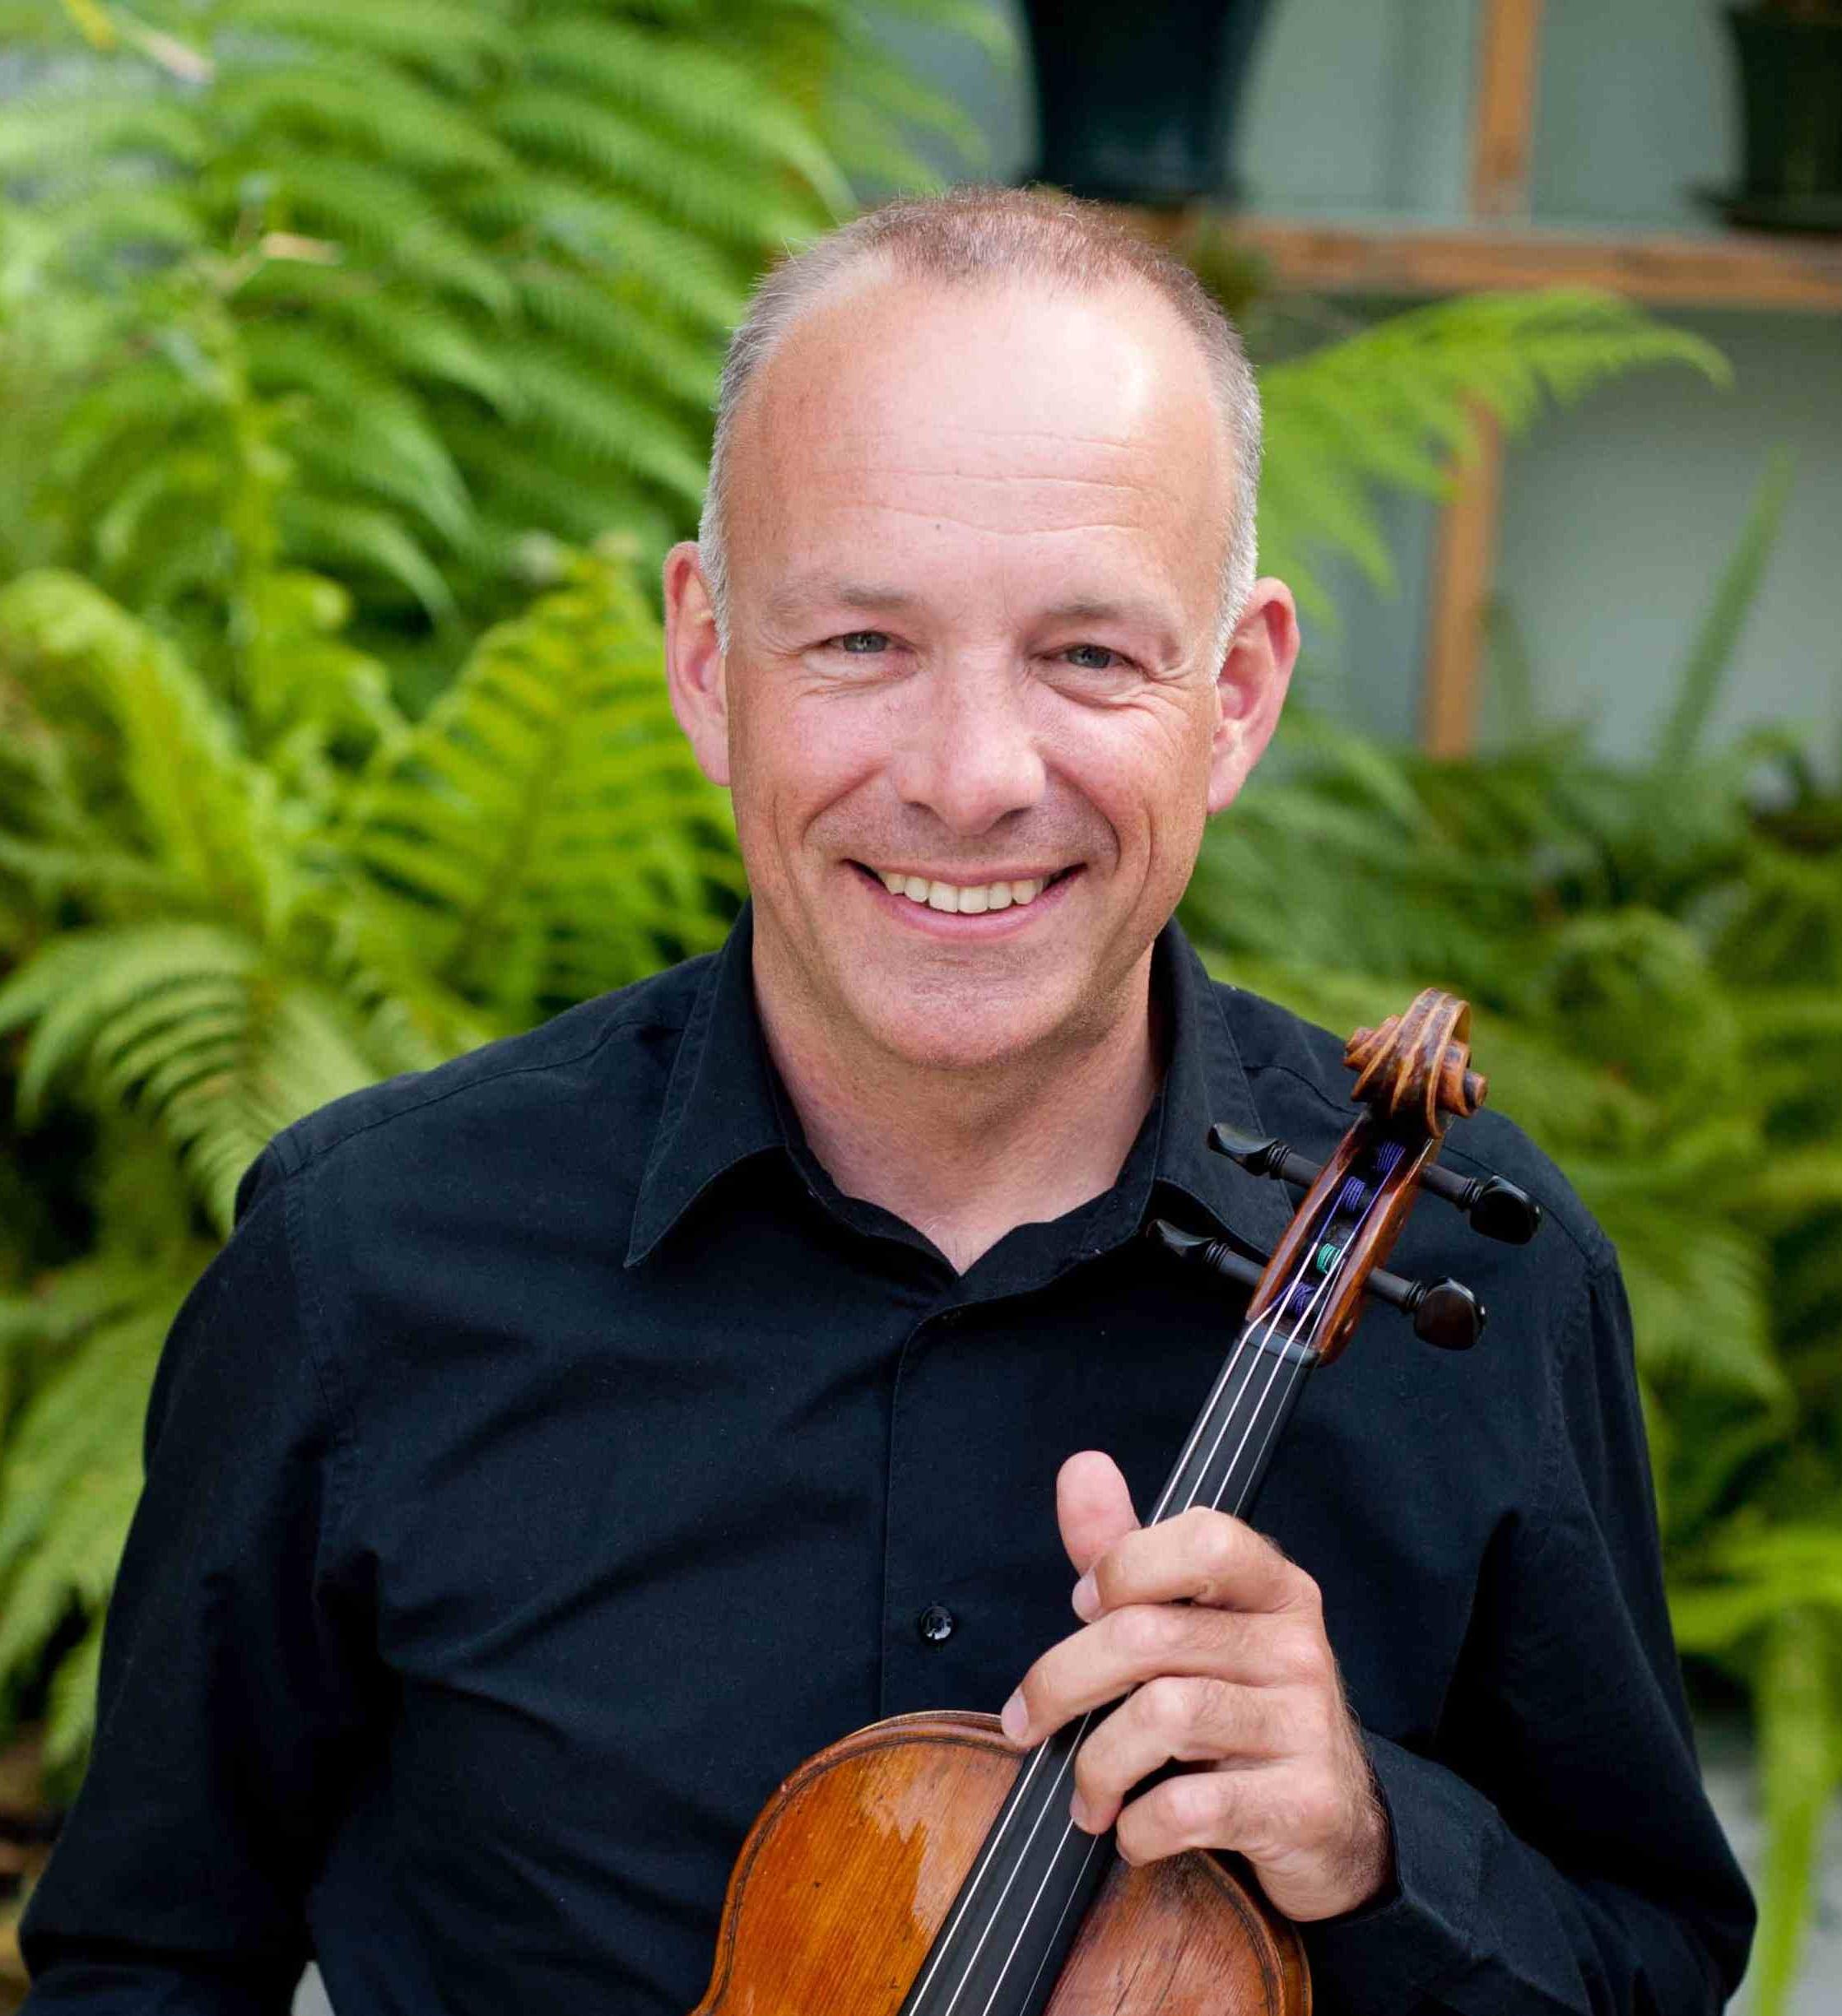 Karsten Windt